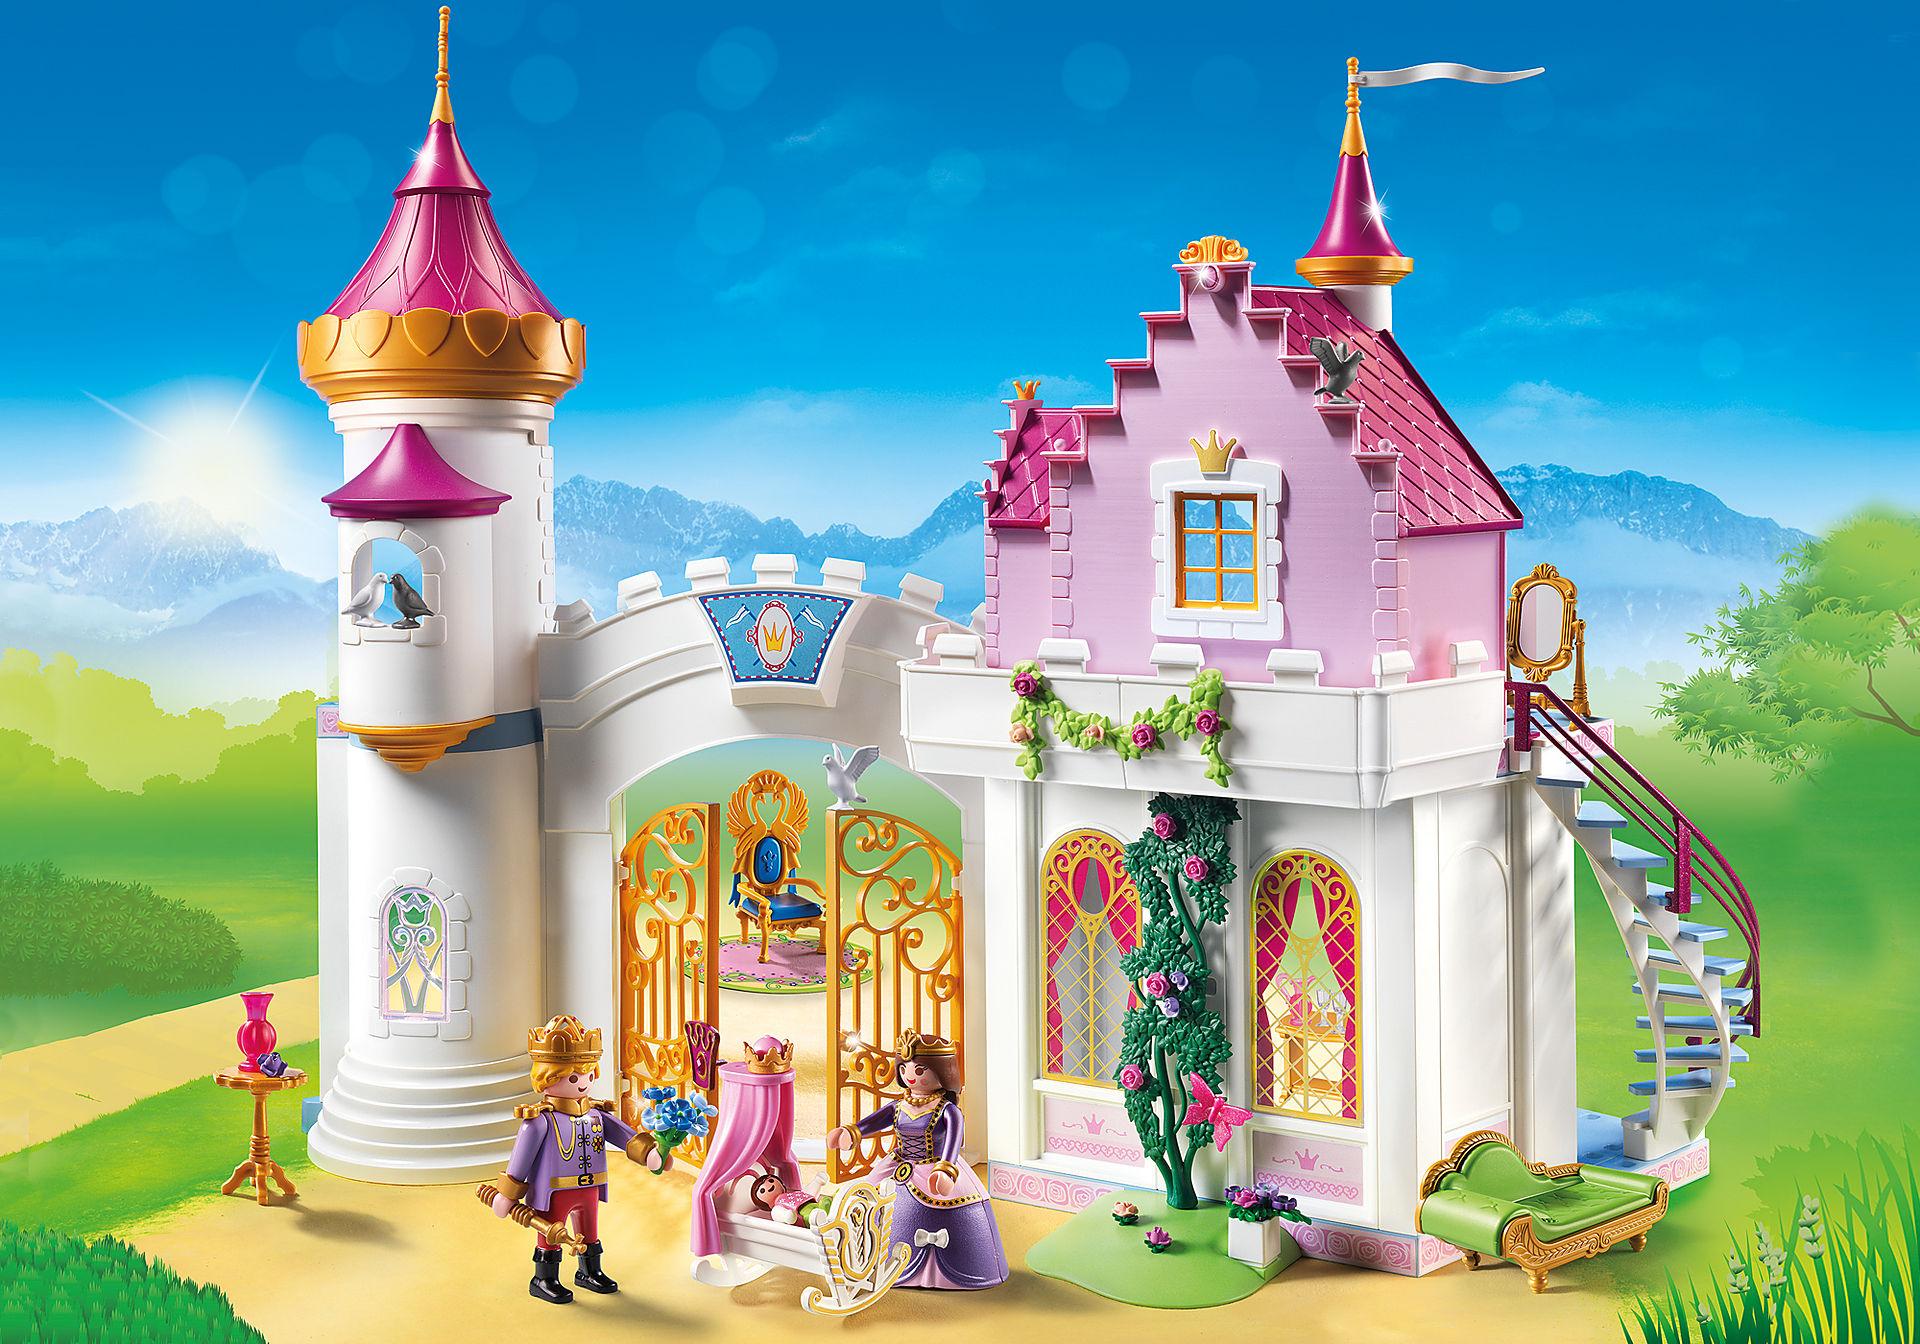 6849 Замок Принцессы: Королевская Резиденция zoom image1